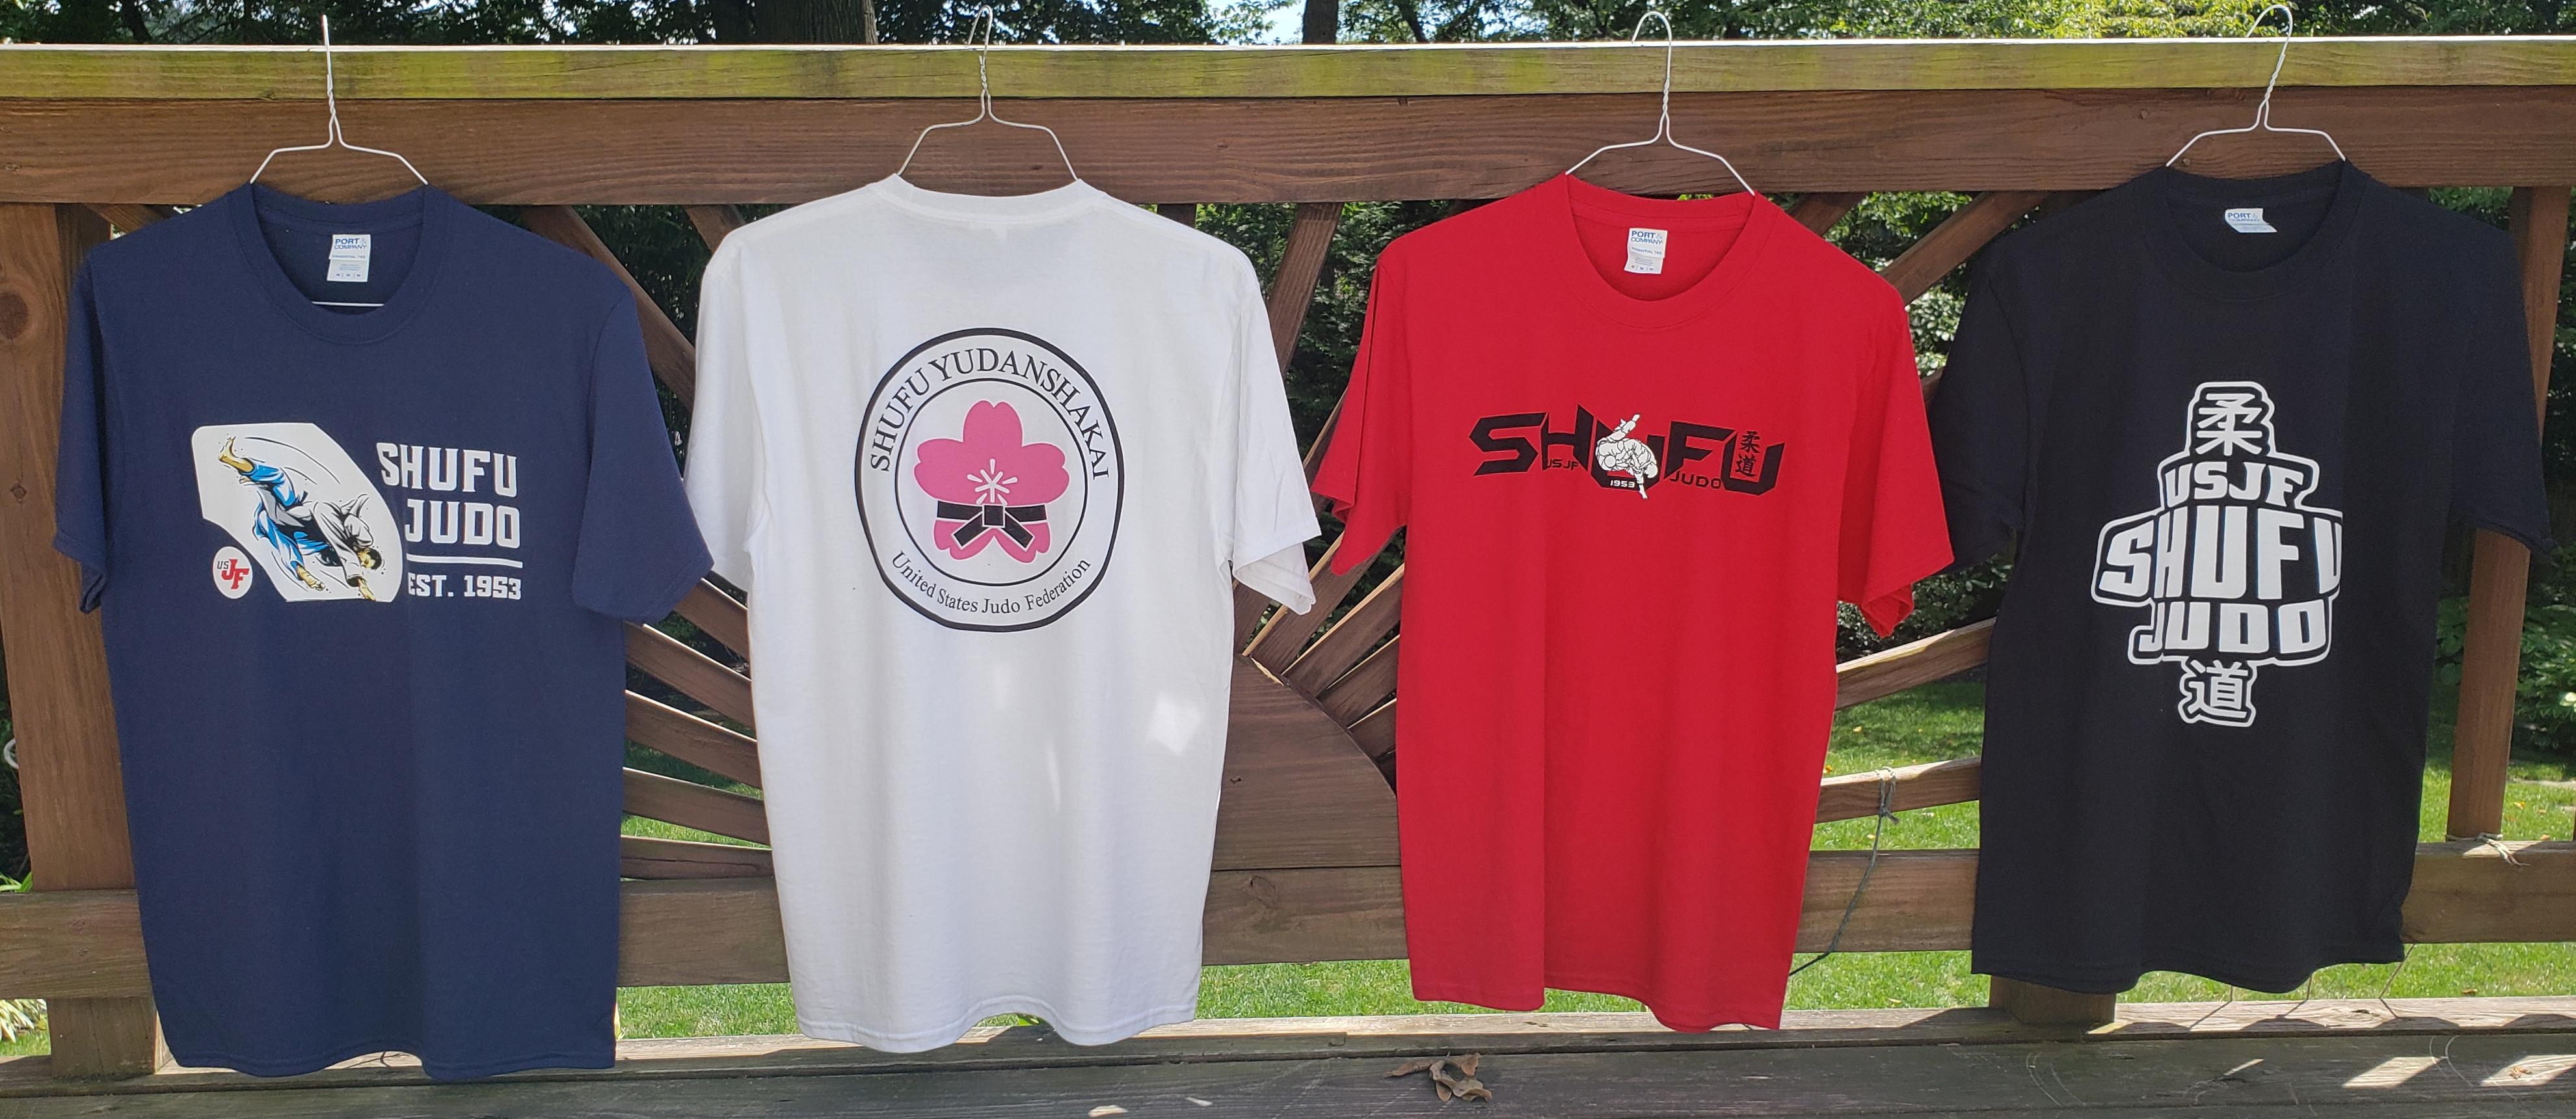 Shufu T-Shirt Giveaway to USJF Shufu Members!